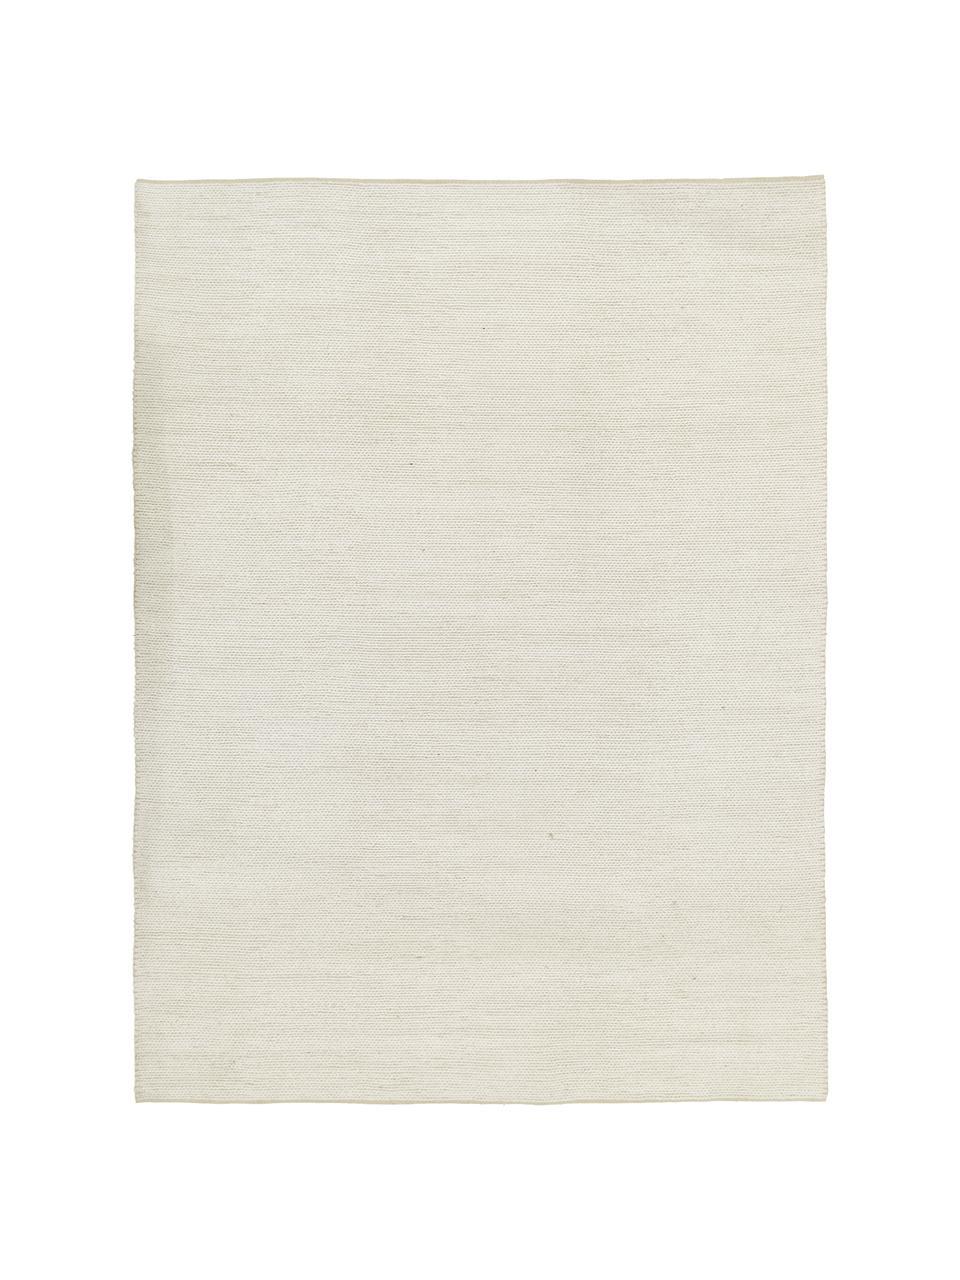 Handgeweven wollen vloerkleed Uno in crèmekleur met gevlochten structuur, Bovenzijde: 60% wol, 40% polyester, Onderzijde: 100% katoen Bij wollen vl, Crèmekleurig, B 200 x L 300 cm (maat L)